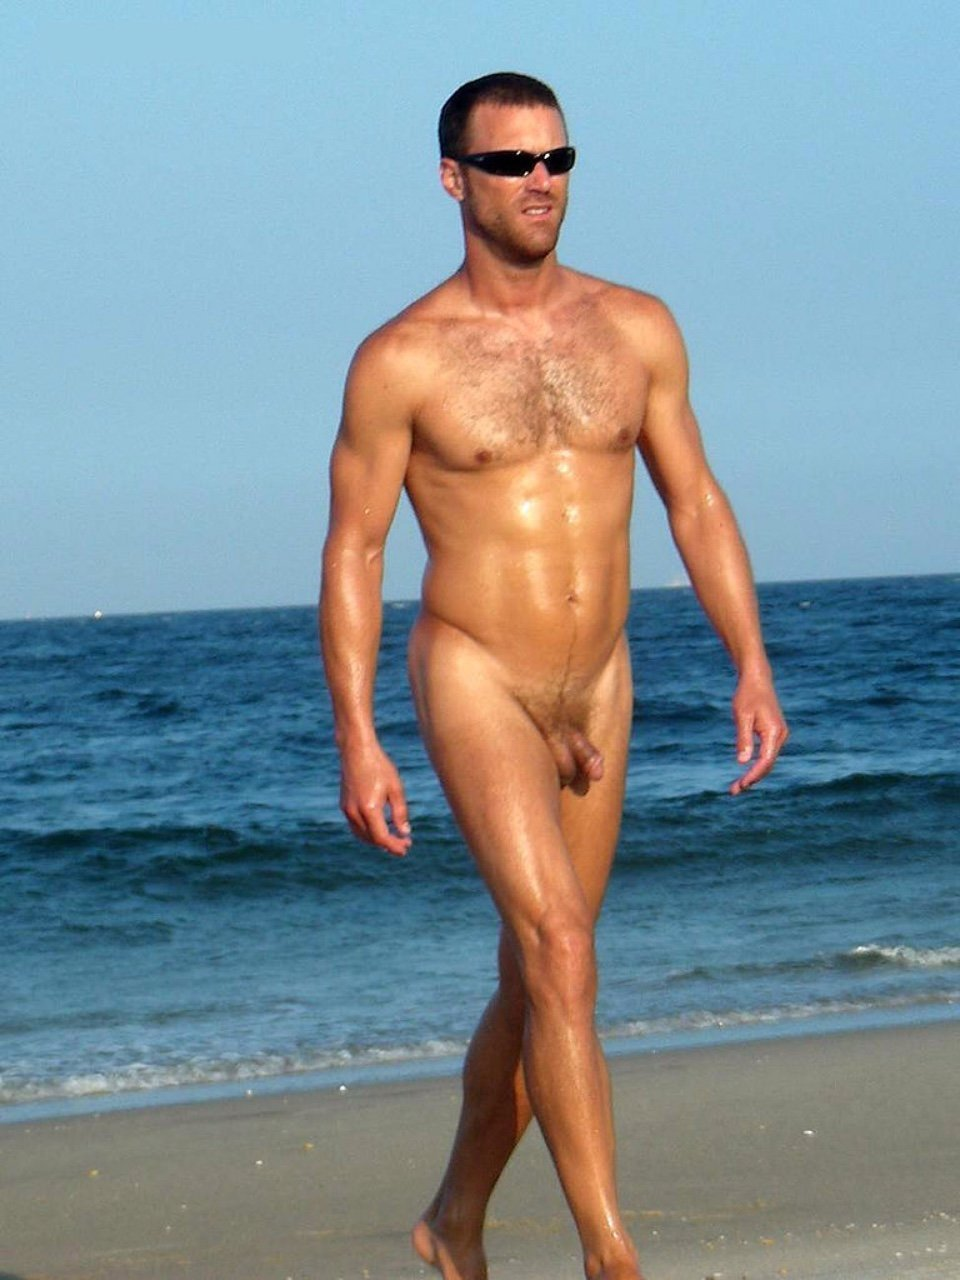 nude men on beach videos